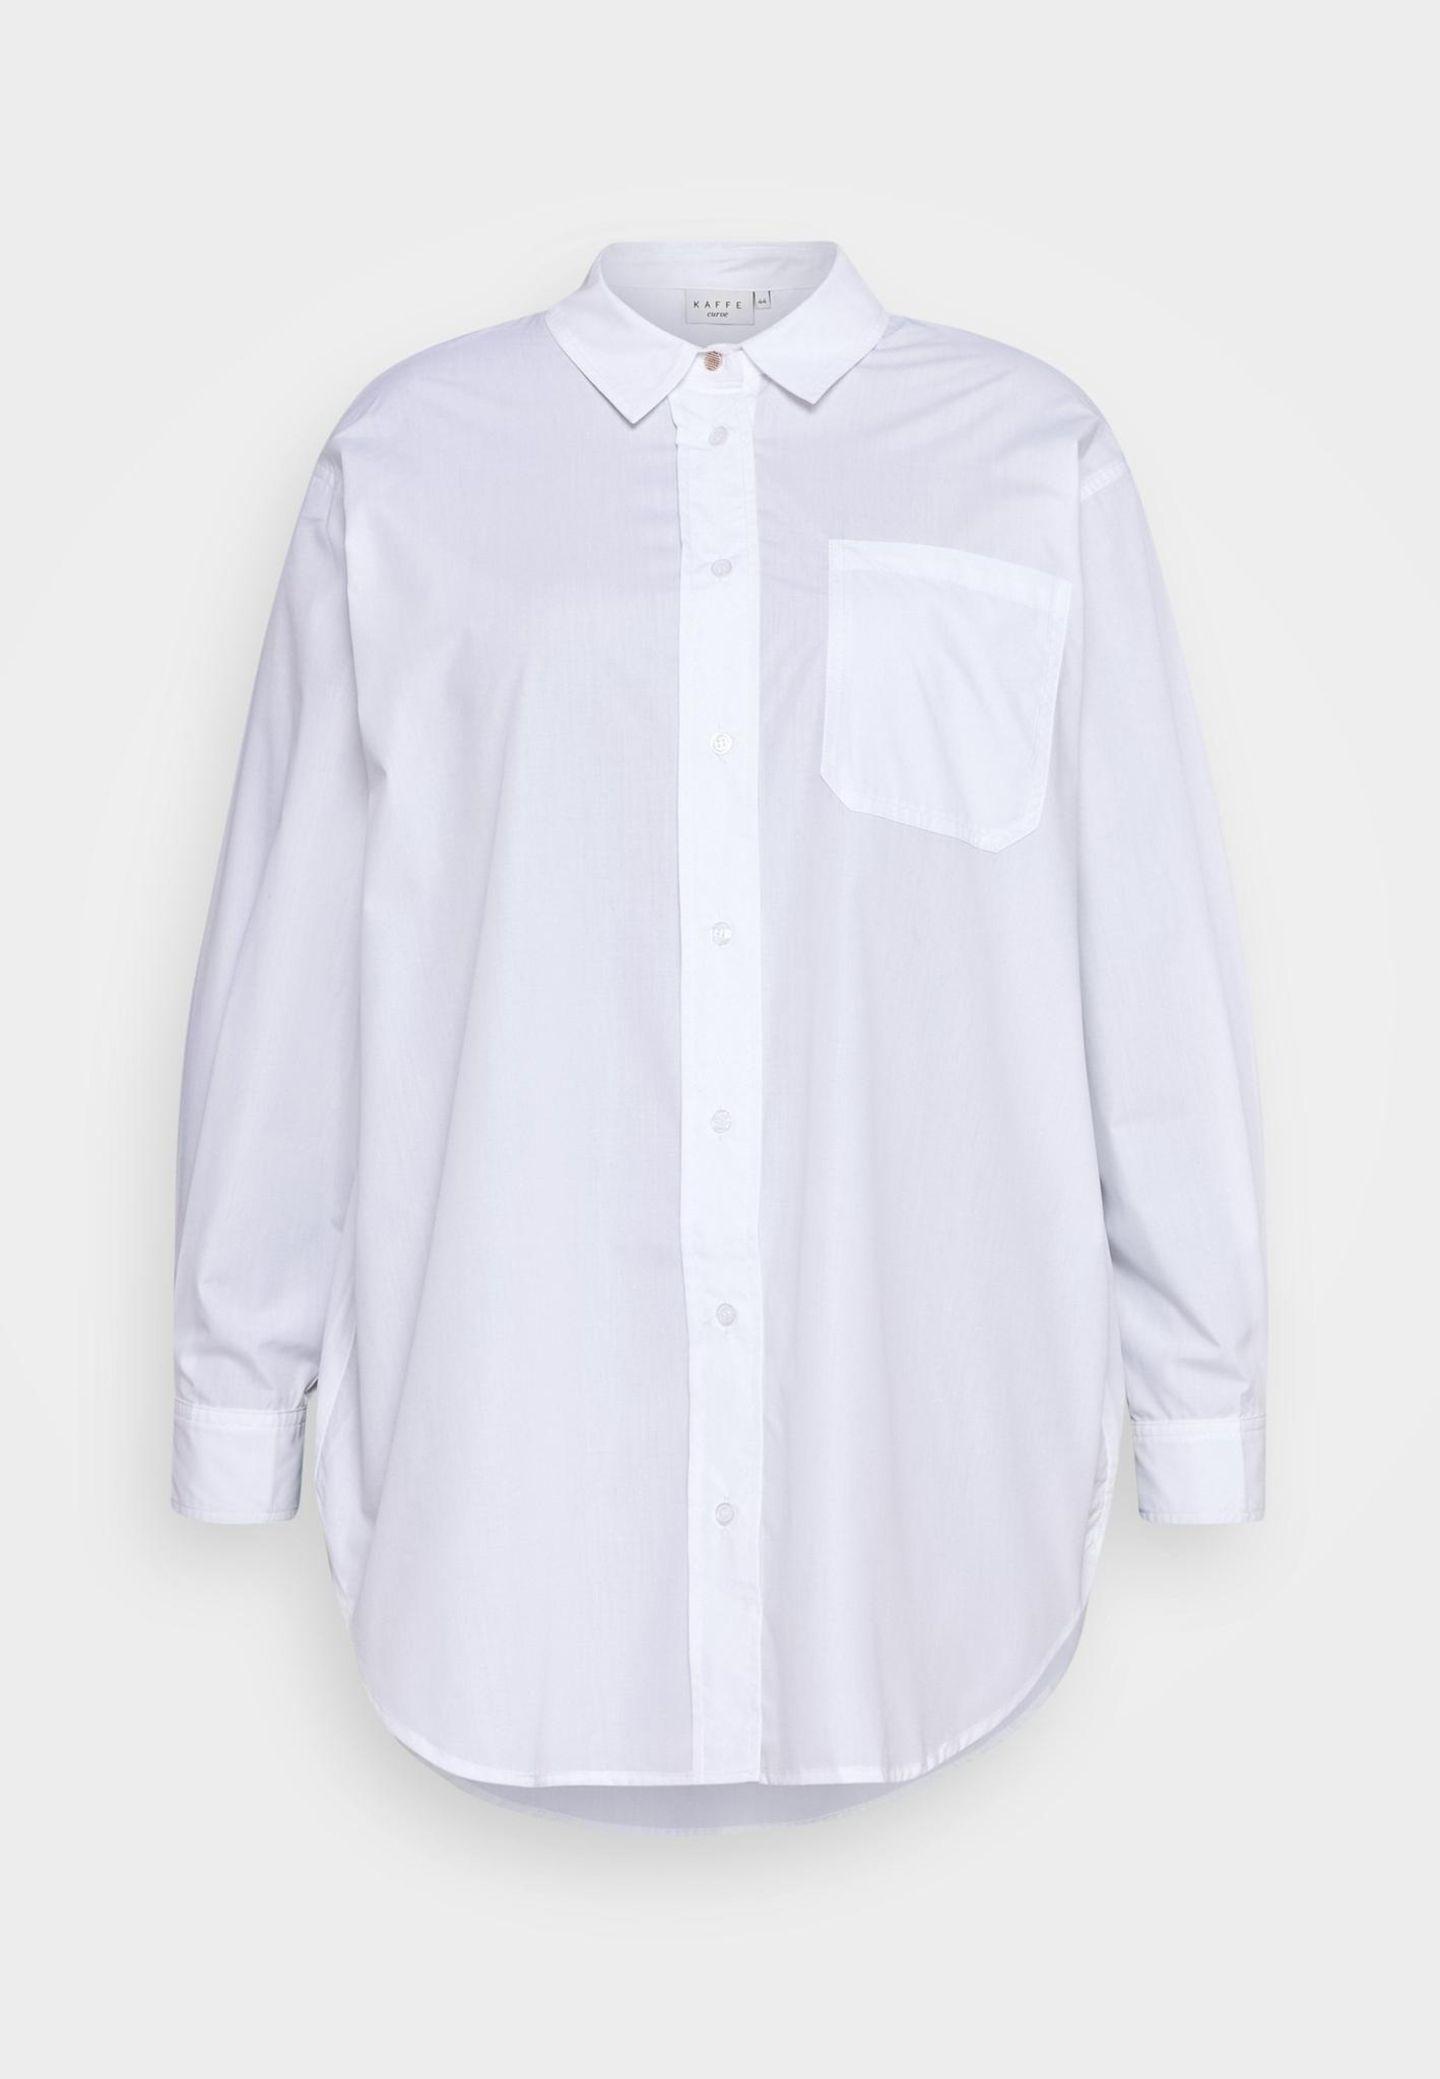 Oversize-Blusen gehören in jeden Kleiderschrank – zumindest eine. Diese Hemdbluse vonKaffe Curve passt perfekt zu engen Jeansund Sneakern. Oder kombiniert Boots und High Heels. Hier passt einfach alles. Über Zalando, etwa 60 Euro.